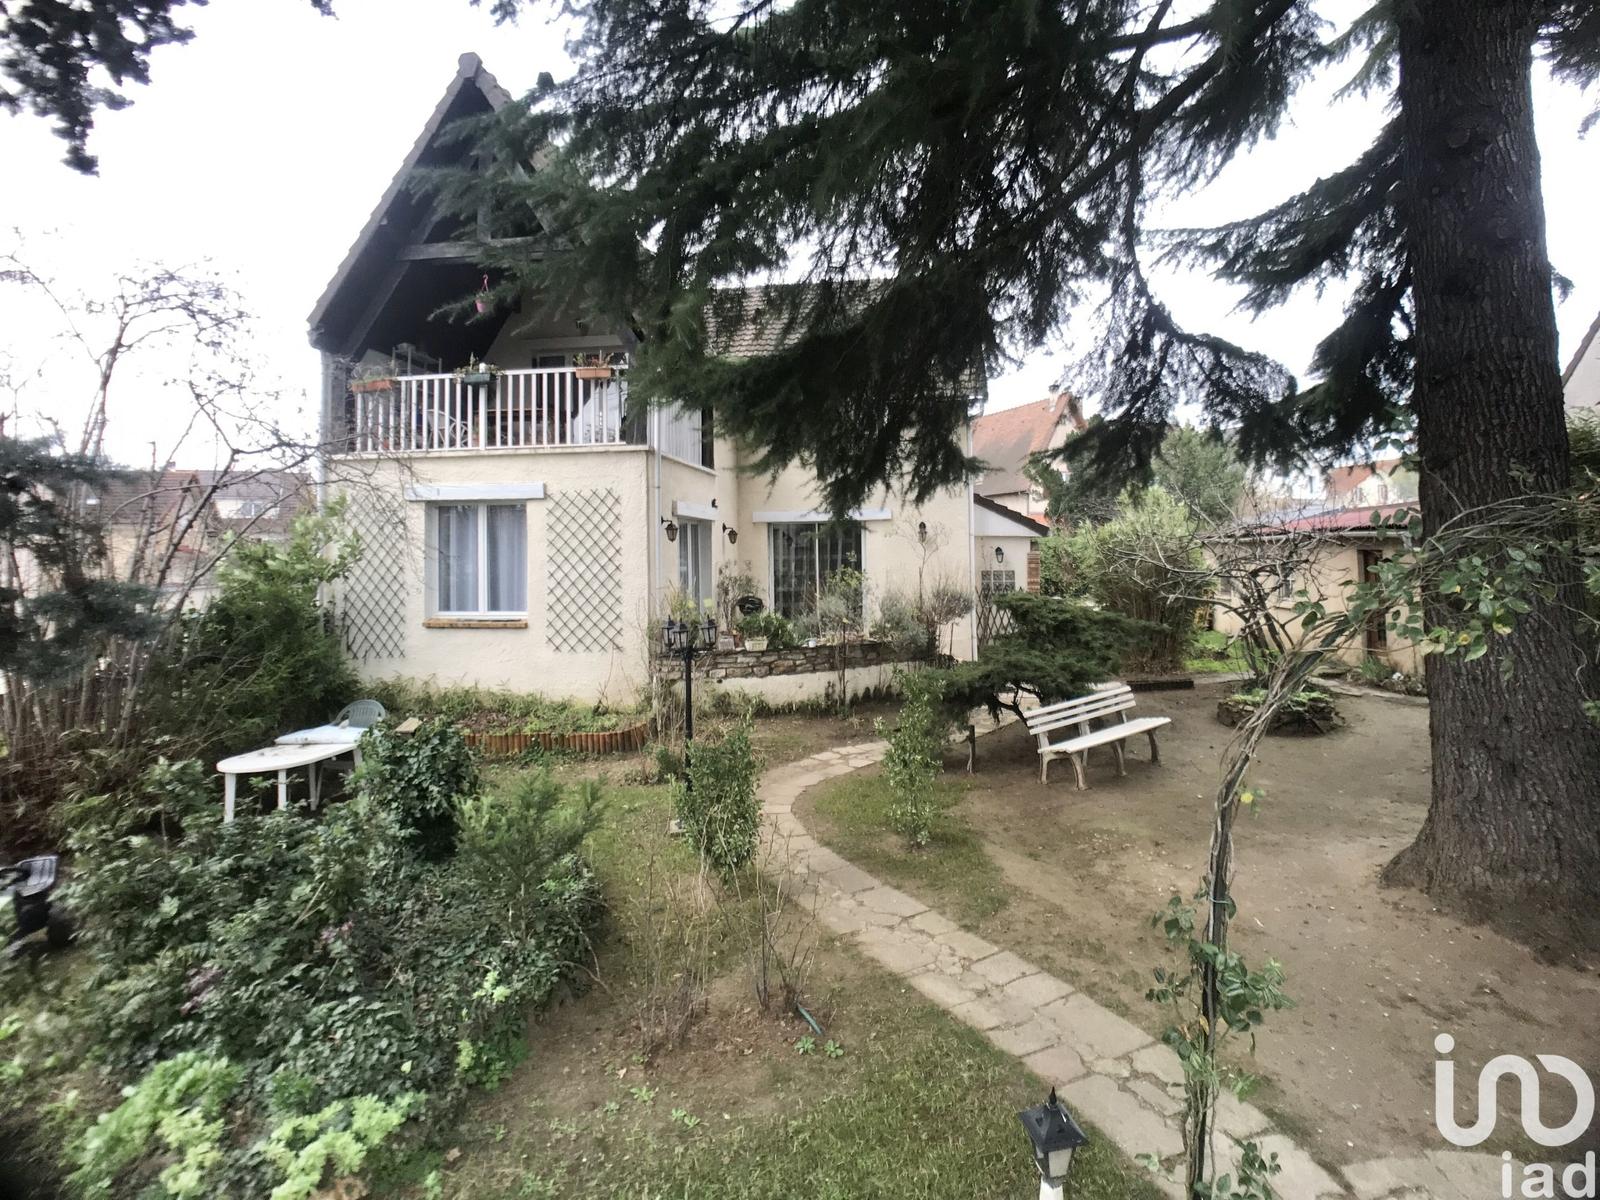 Maisons À Vendre, Draveil | Mapio.fr encequiconcerne Maison A Vendre Draveil Paris Jardin